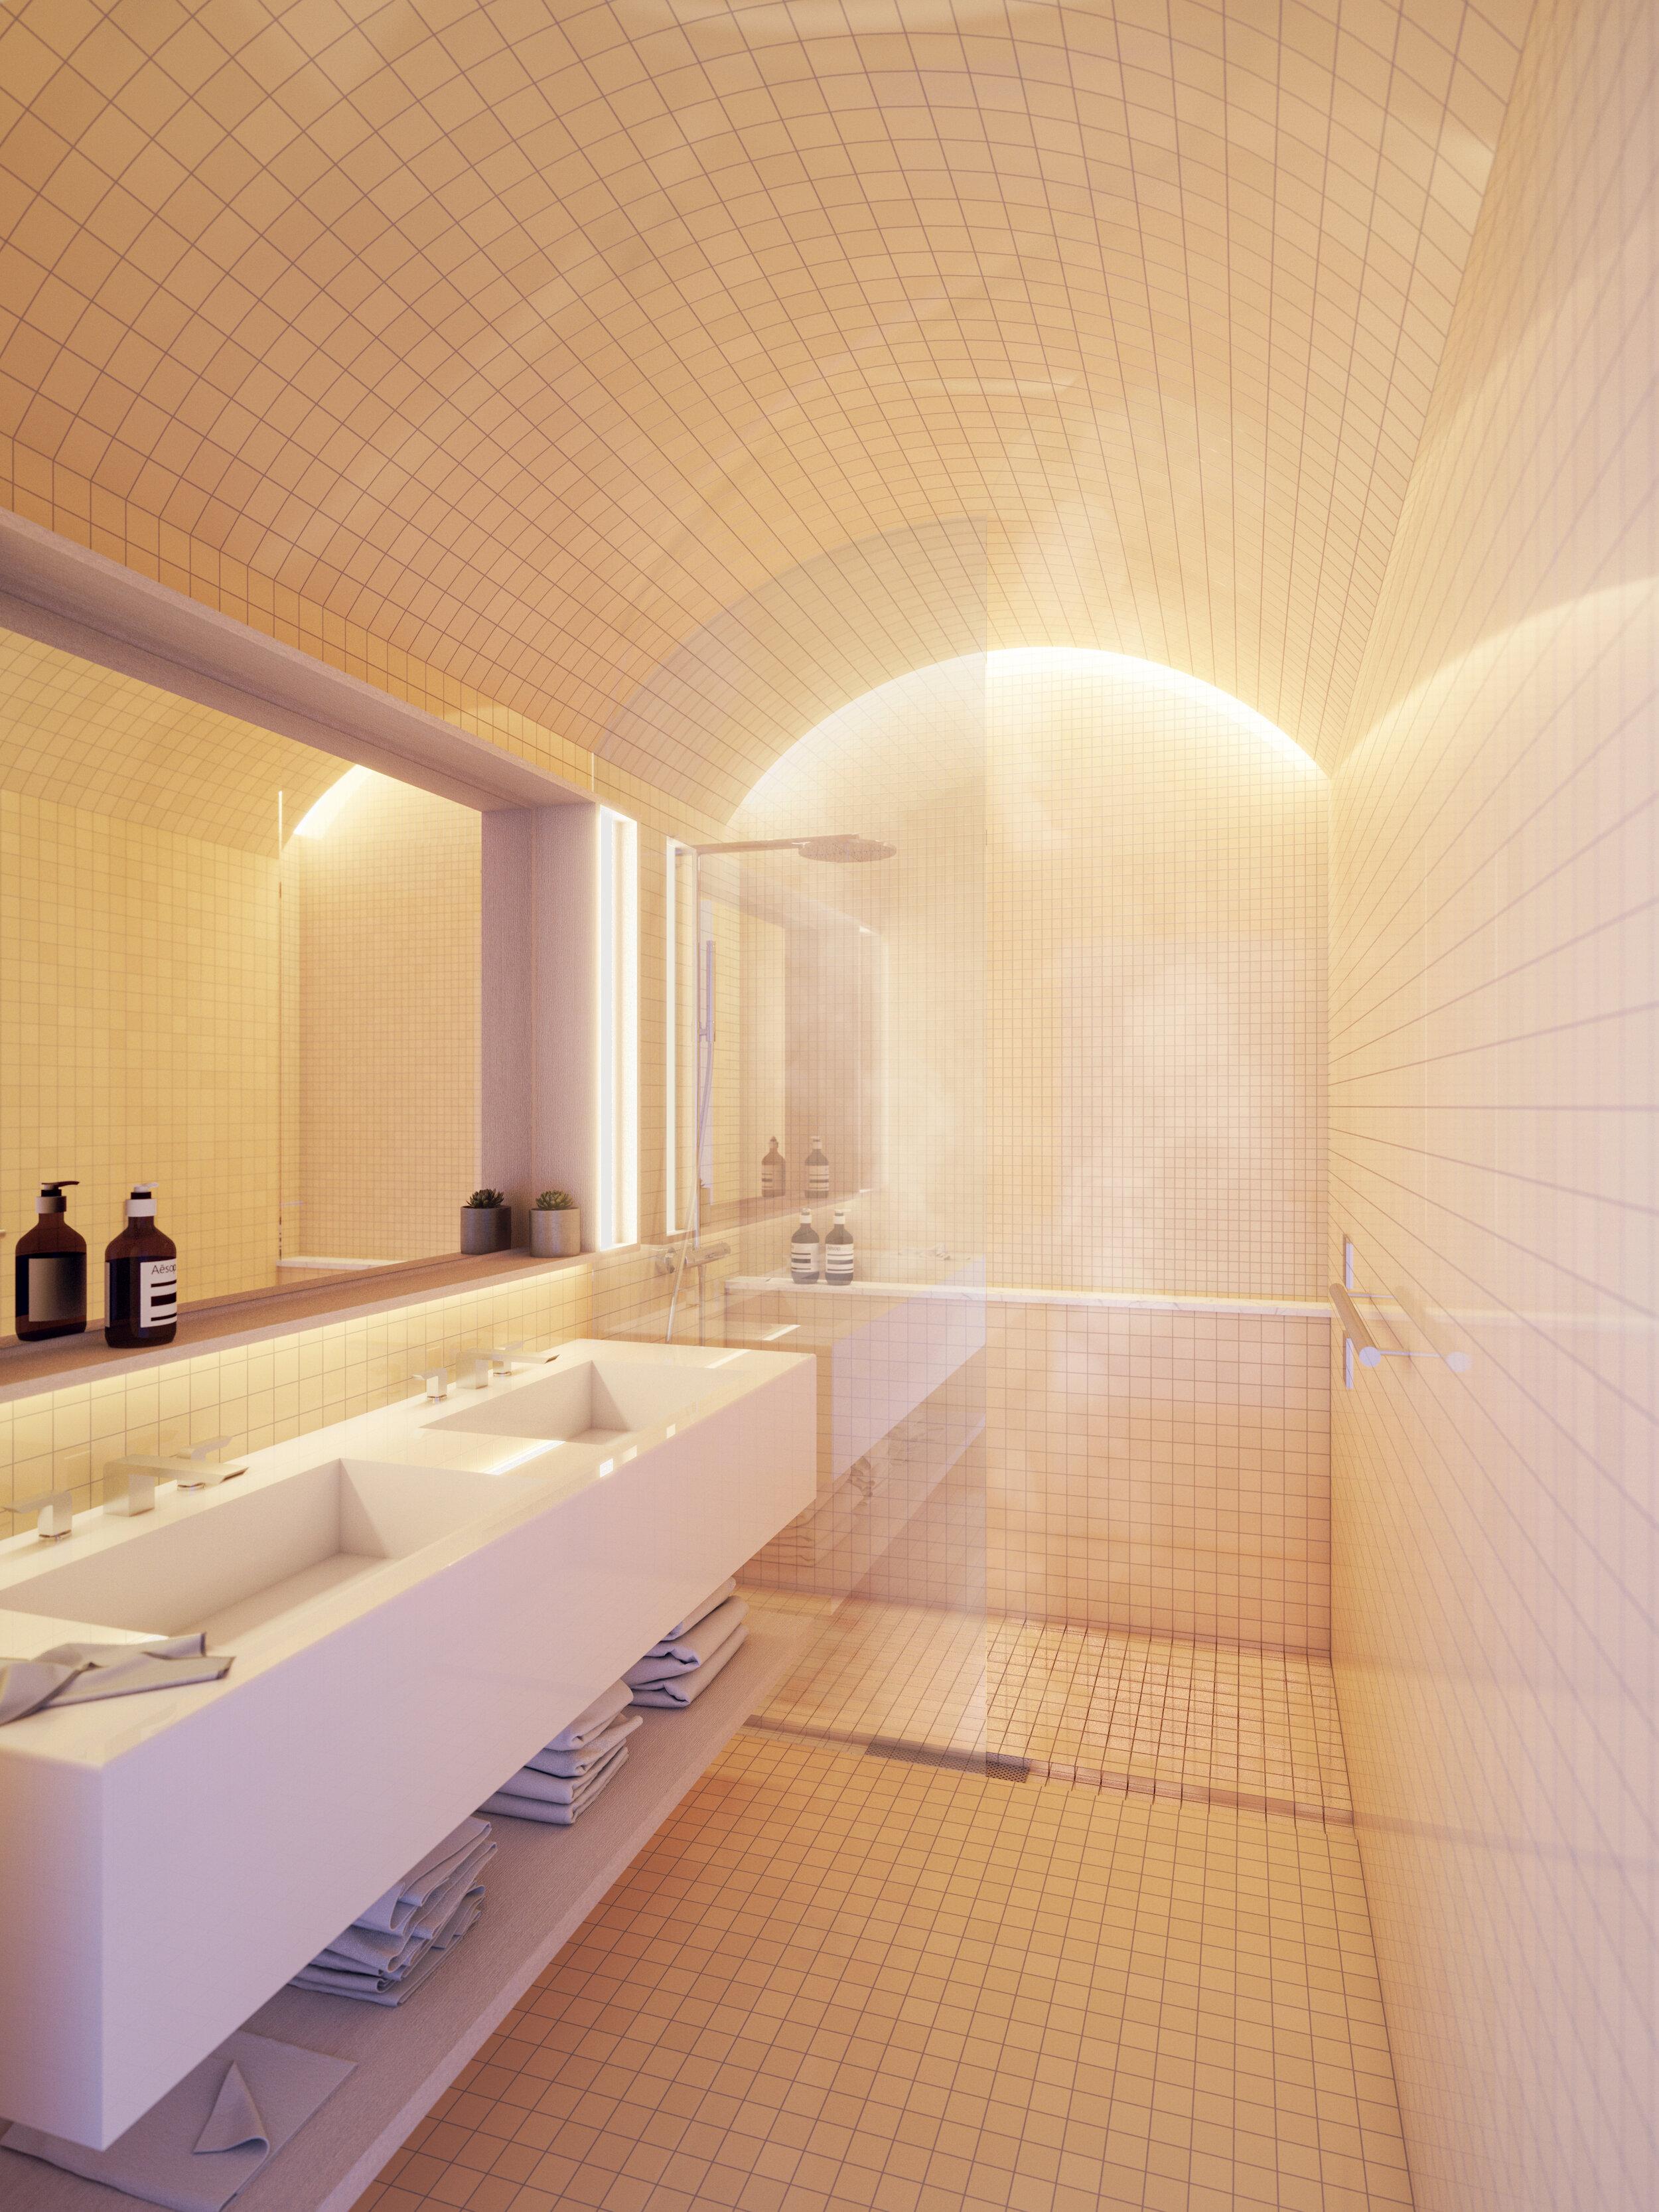 Bathroom+01.jpg?format=2000w